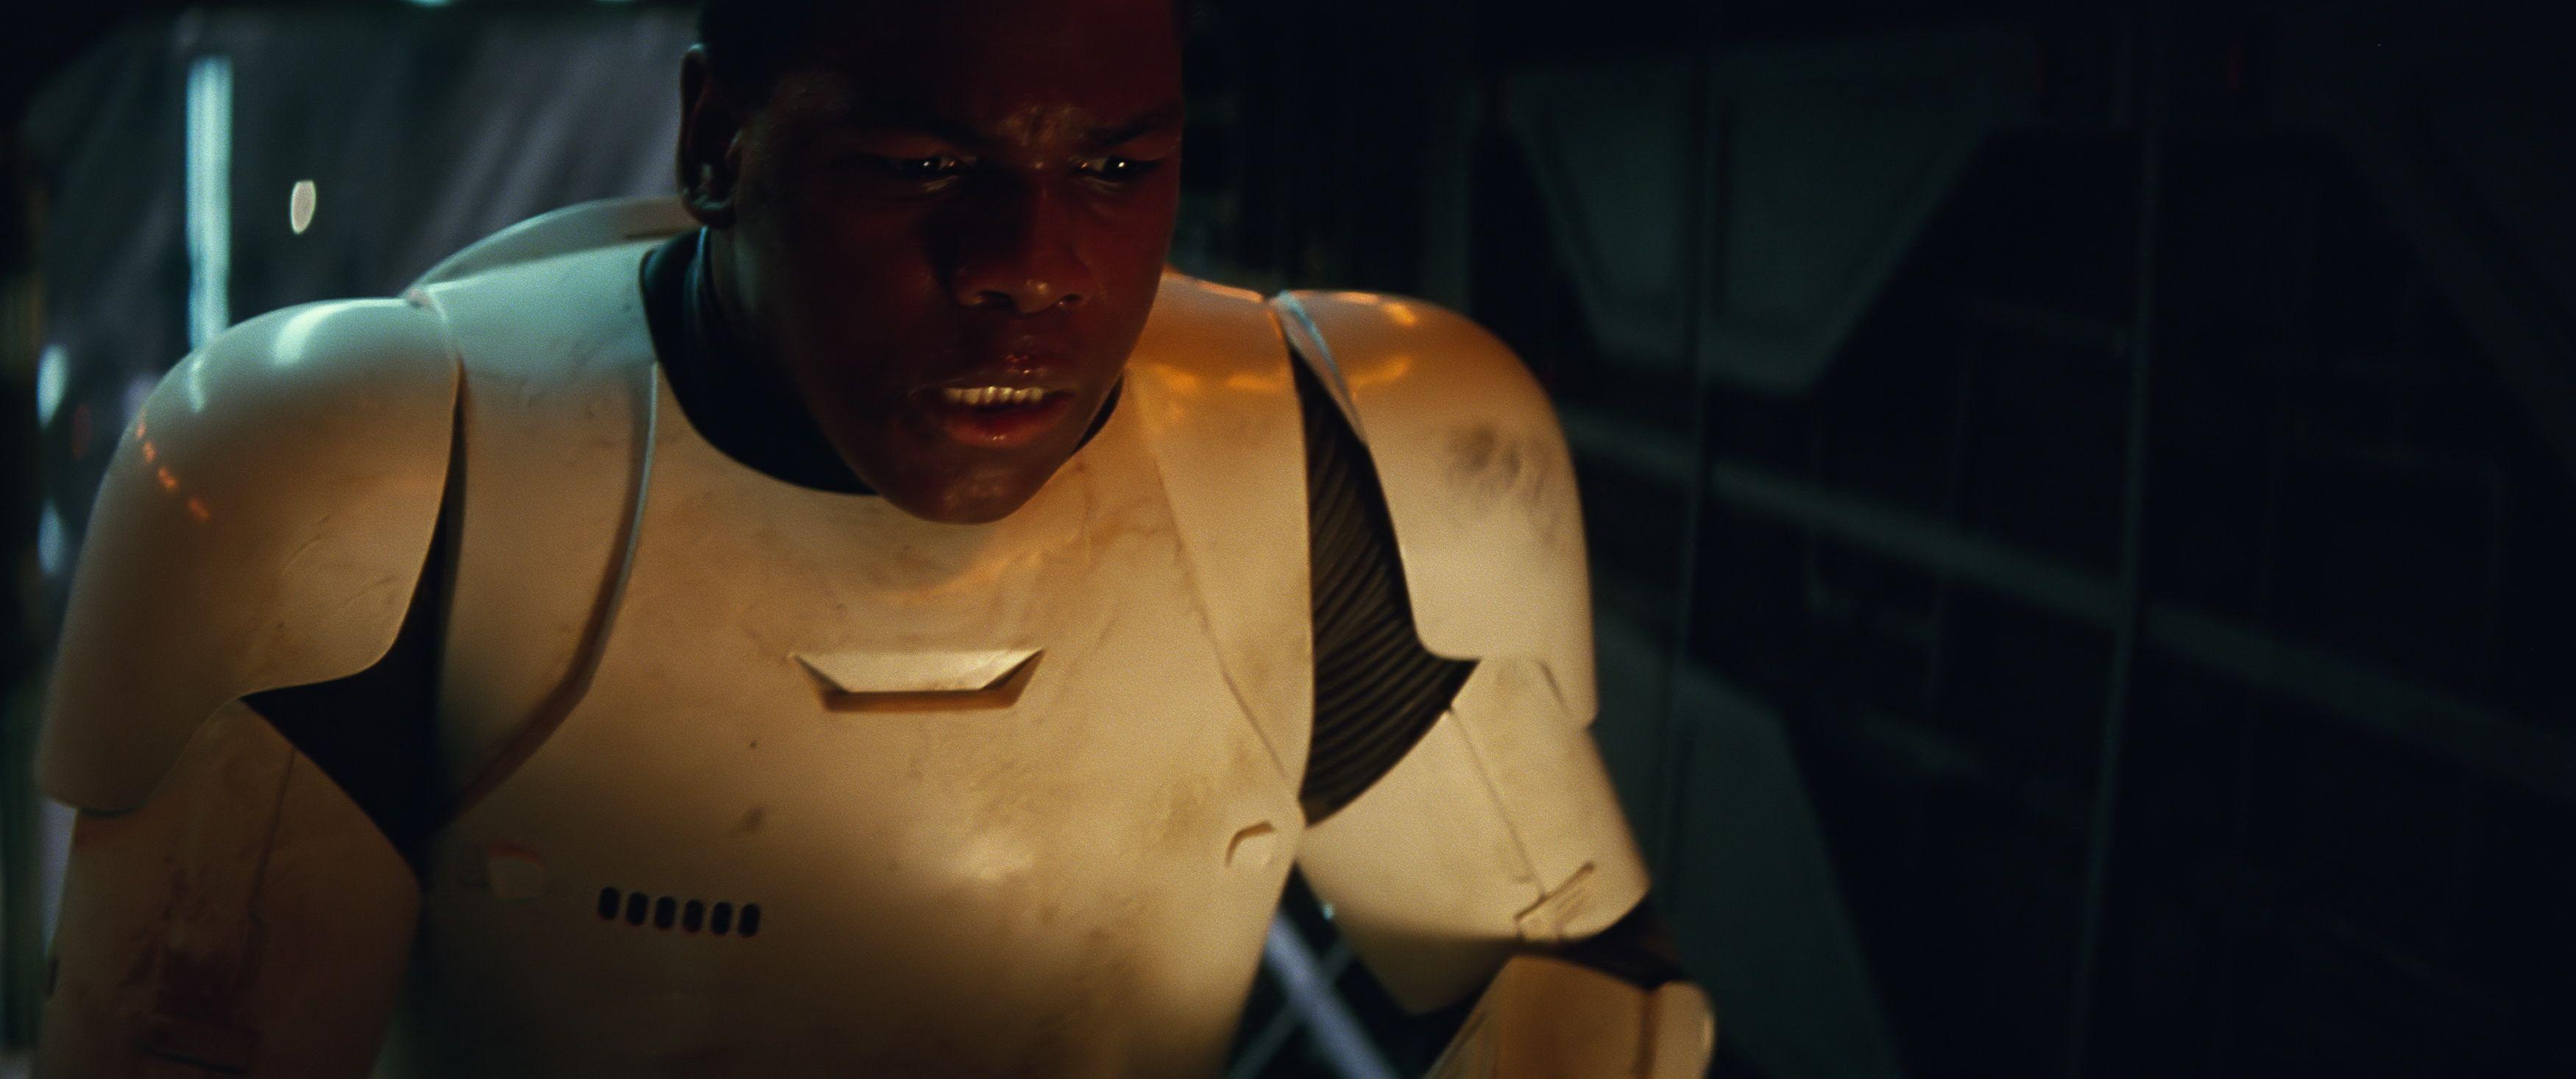 Image result for Finn removing helmet